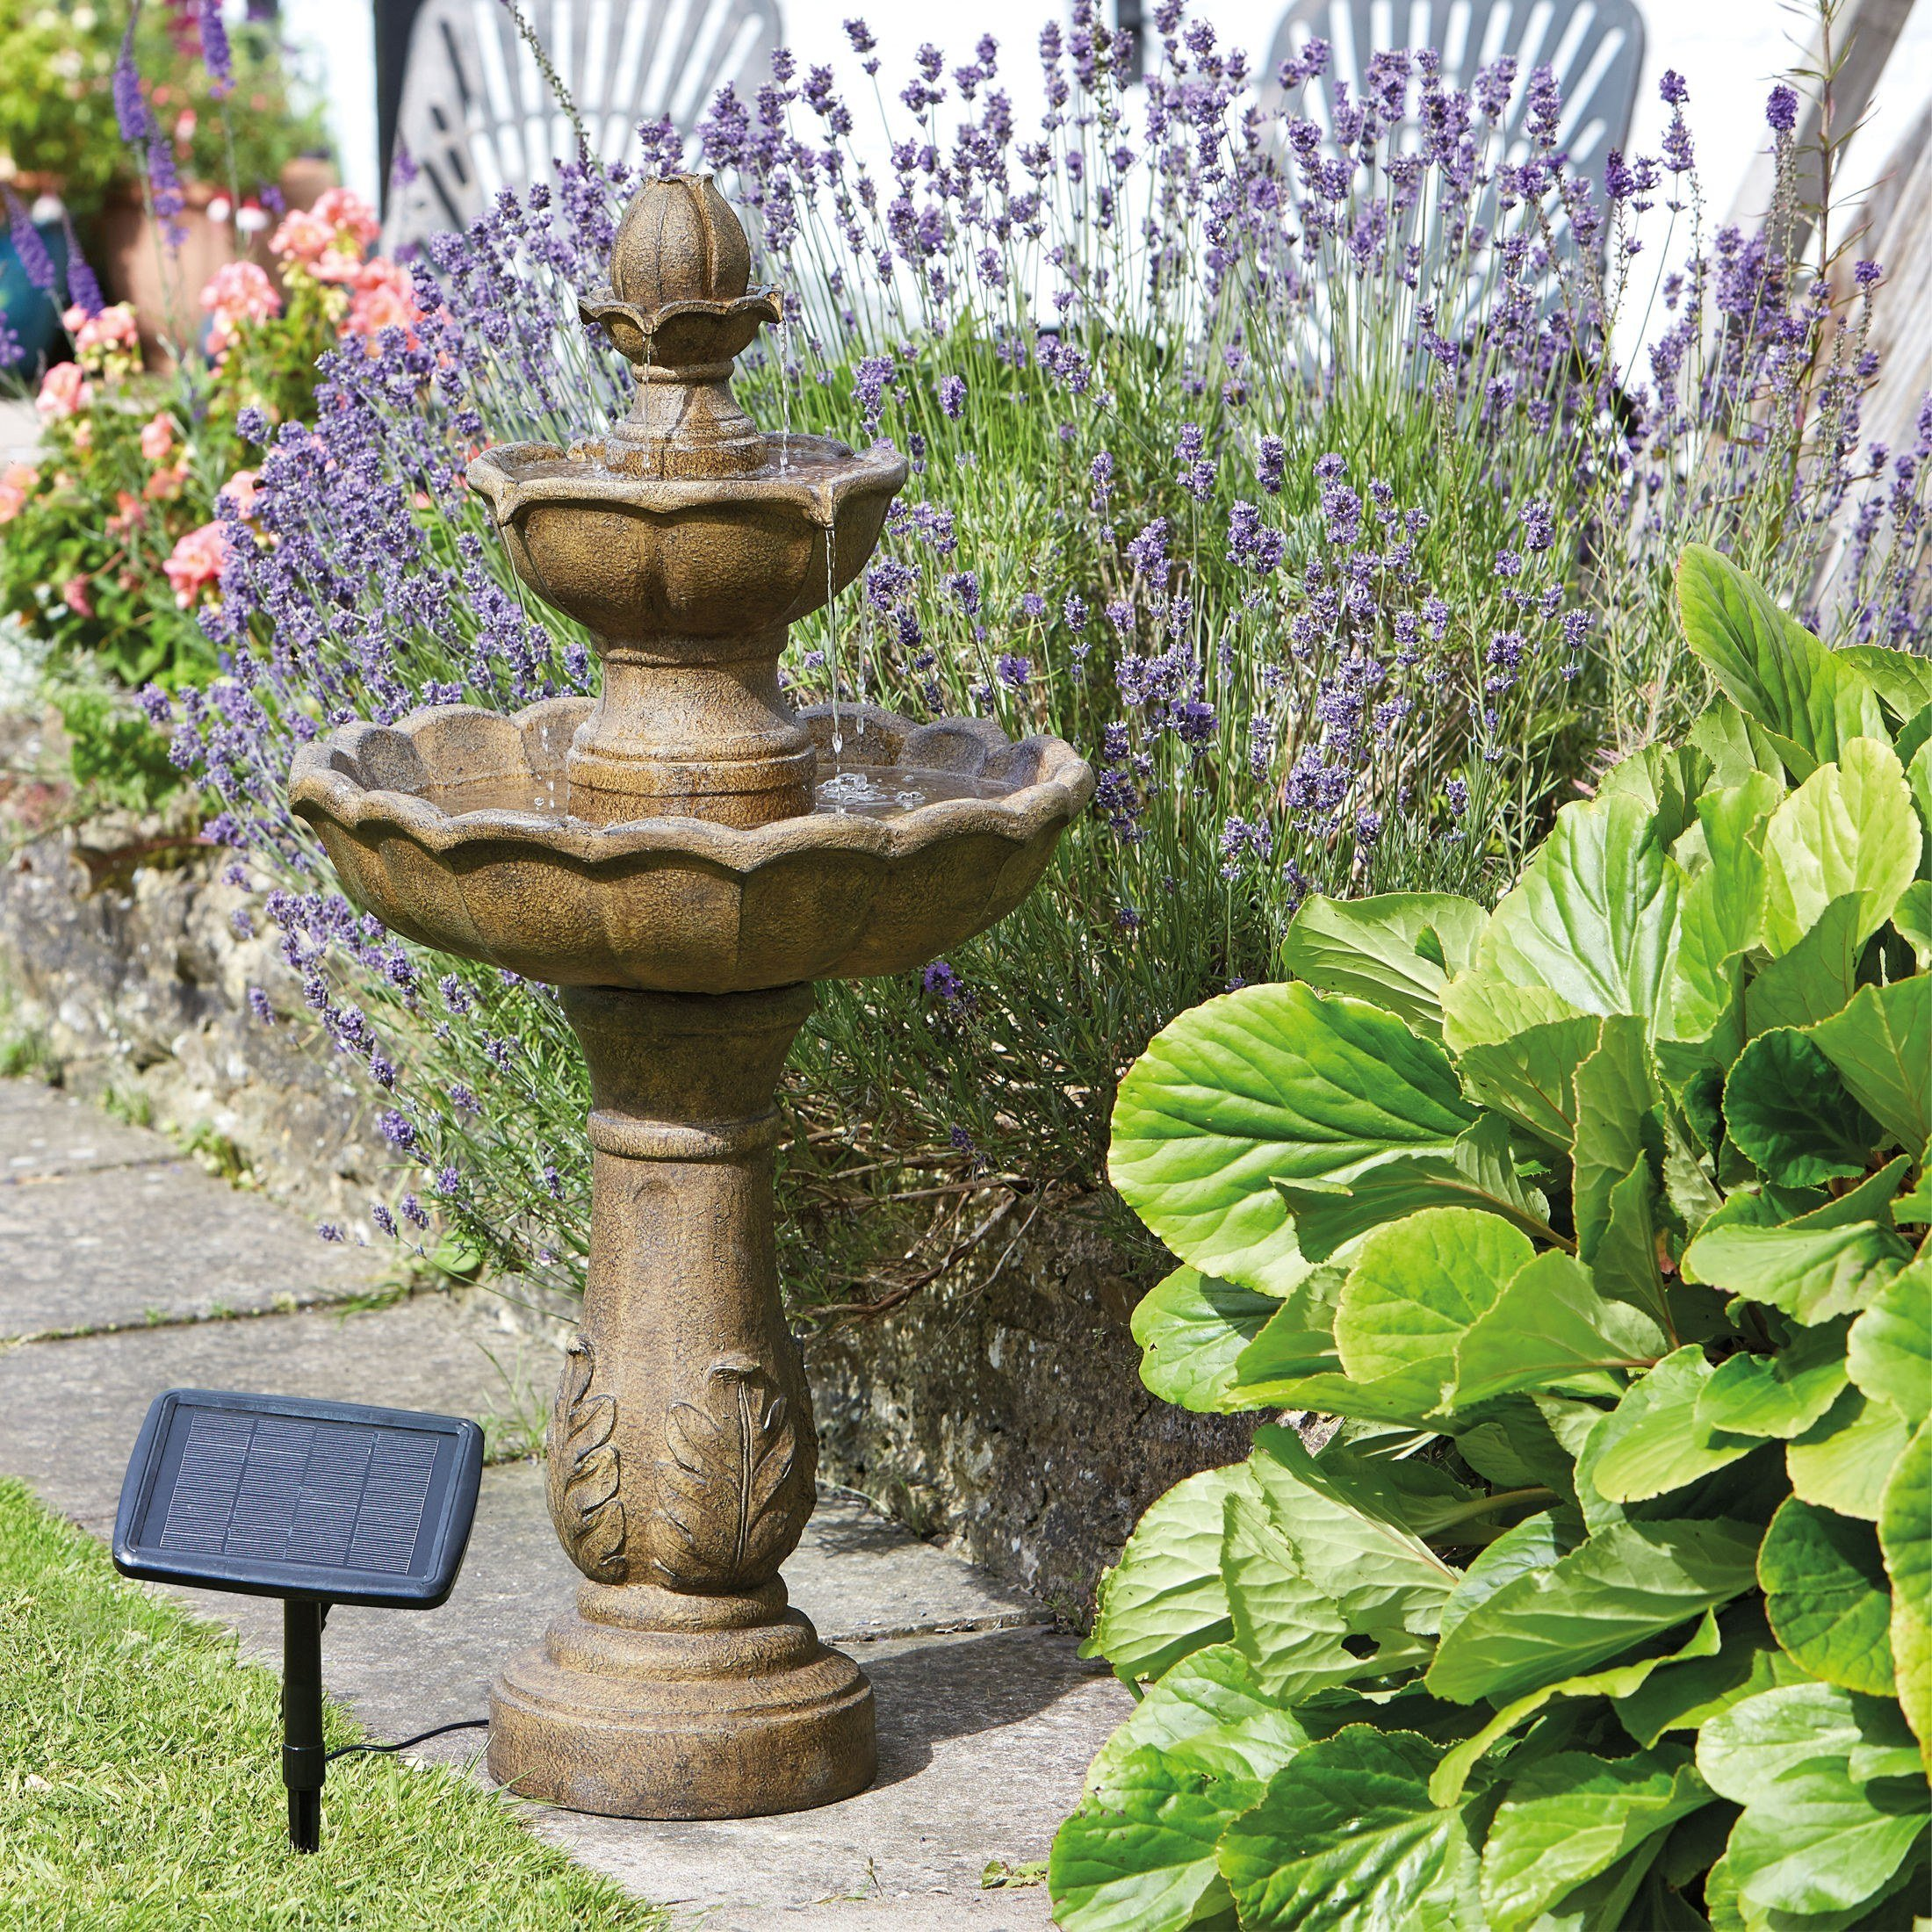 Smart Garden Fuente Solar para Jardín de 3 Niveles, Diseño de Pájaros: Amazon.es: Jardín